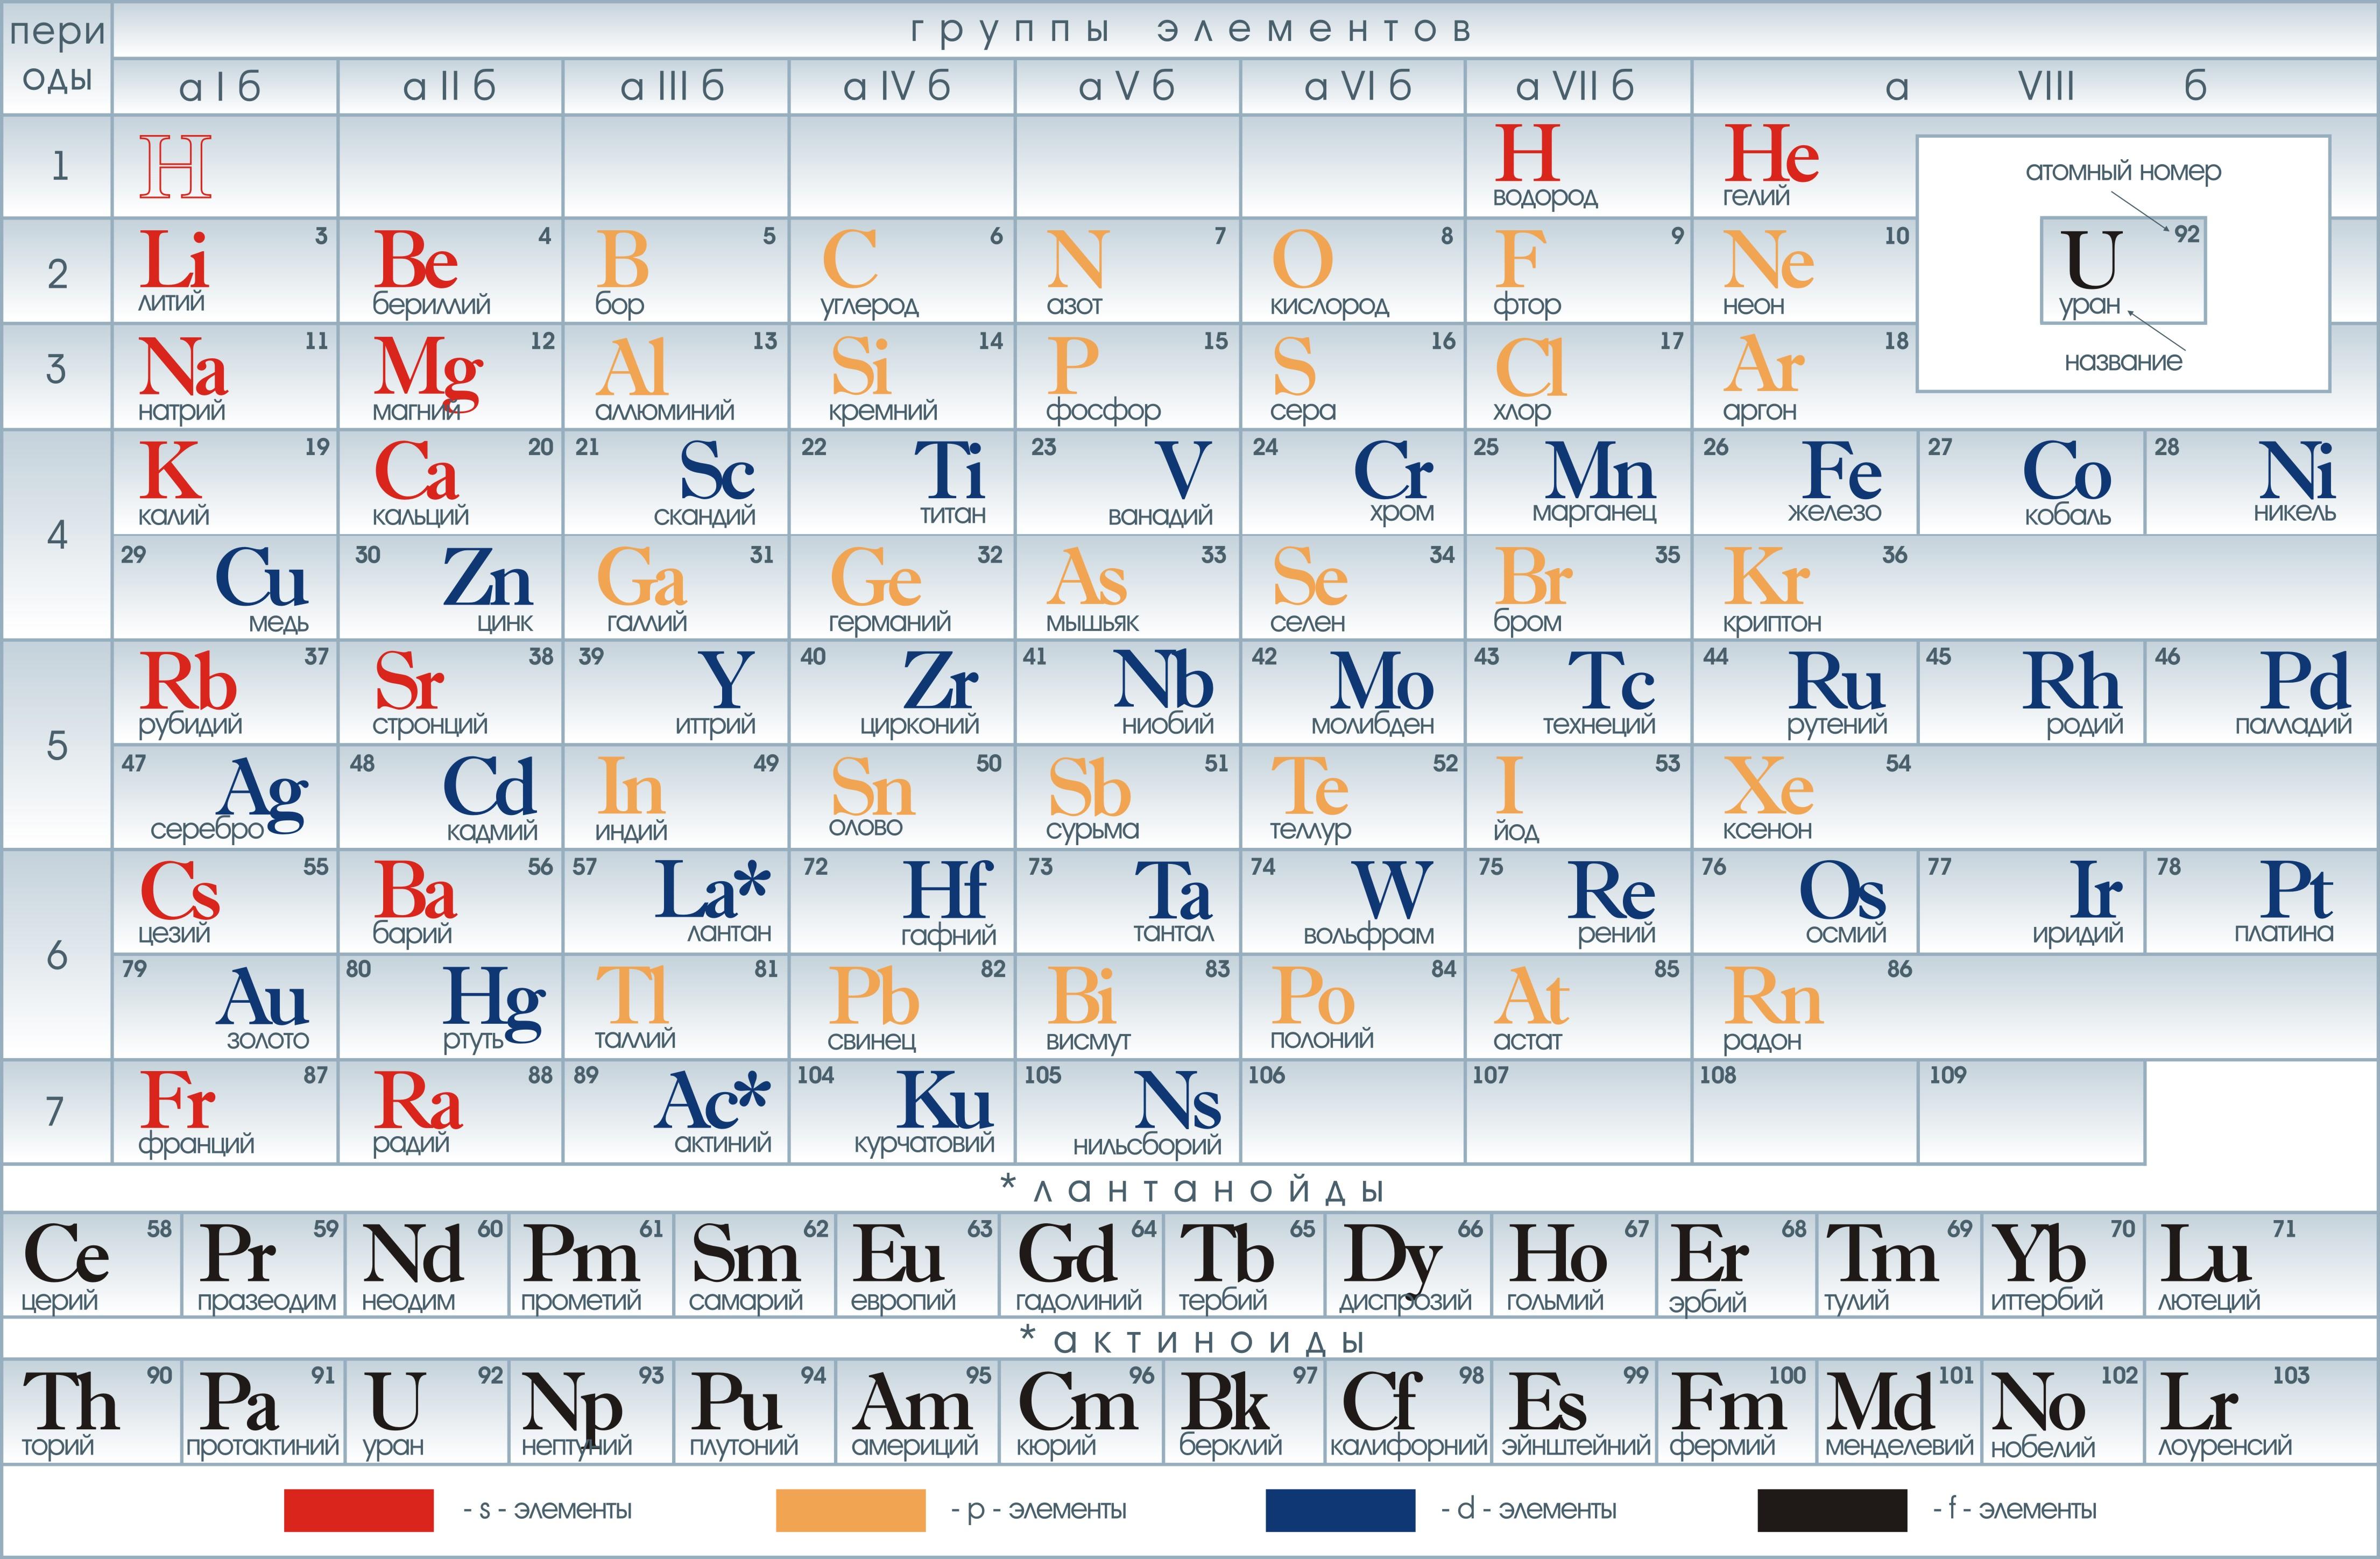 Векторная периодическая таблица химических элементов Д. И. Менделеева.